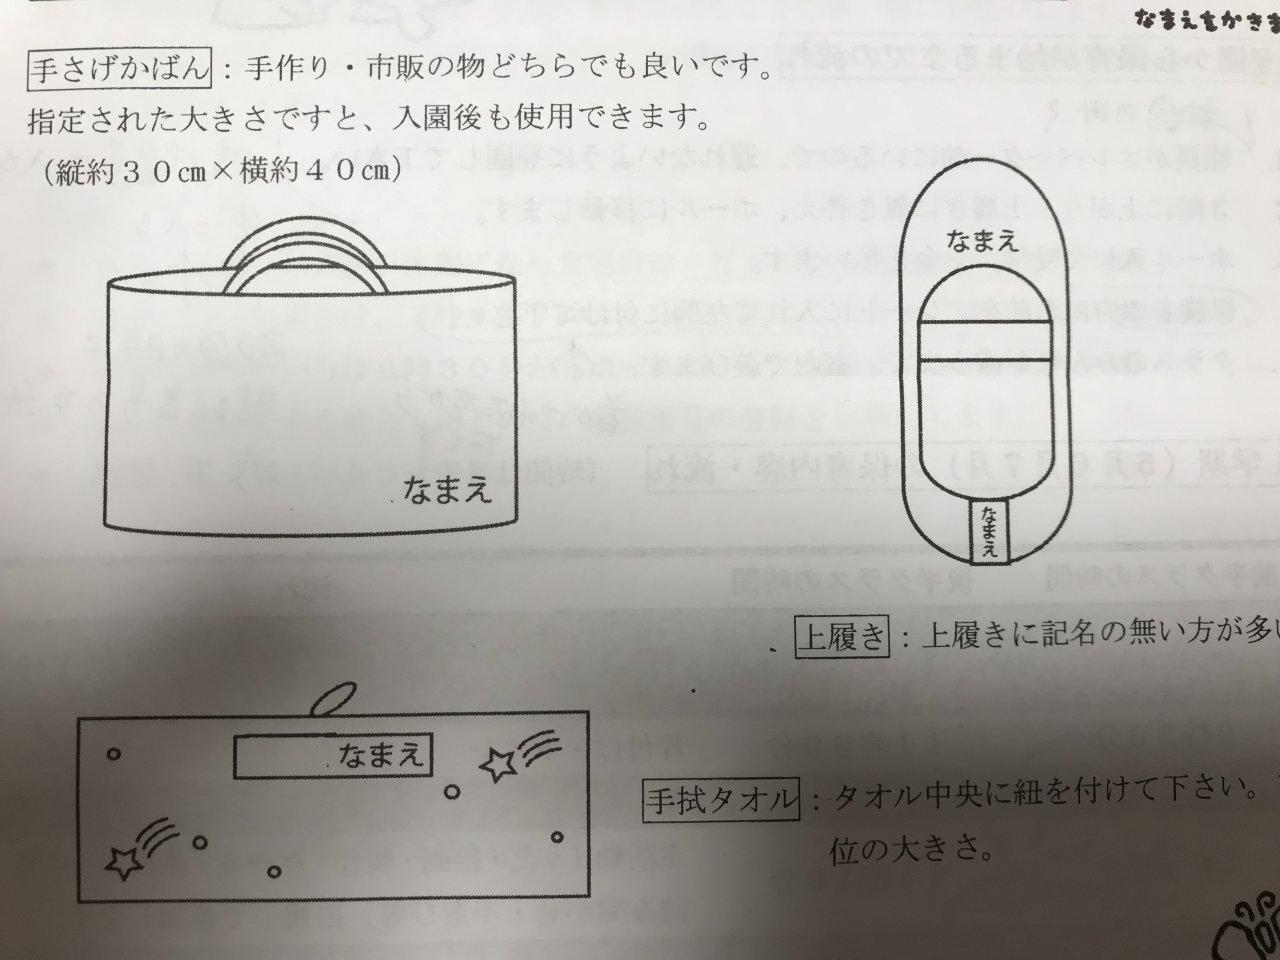 7DDF752A-9A63-441A-B102-4A63DE7E1402